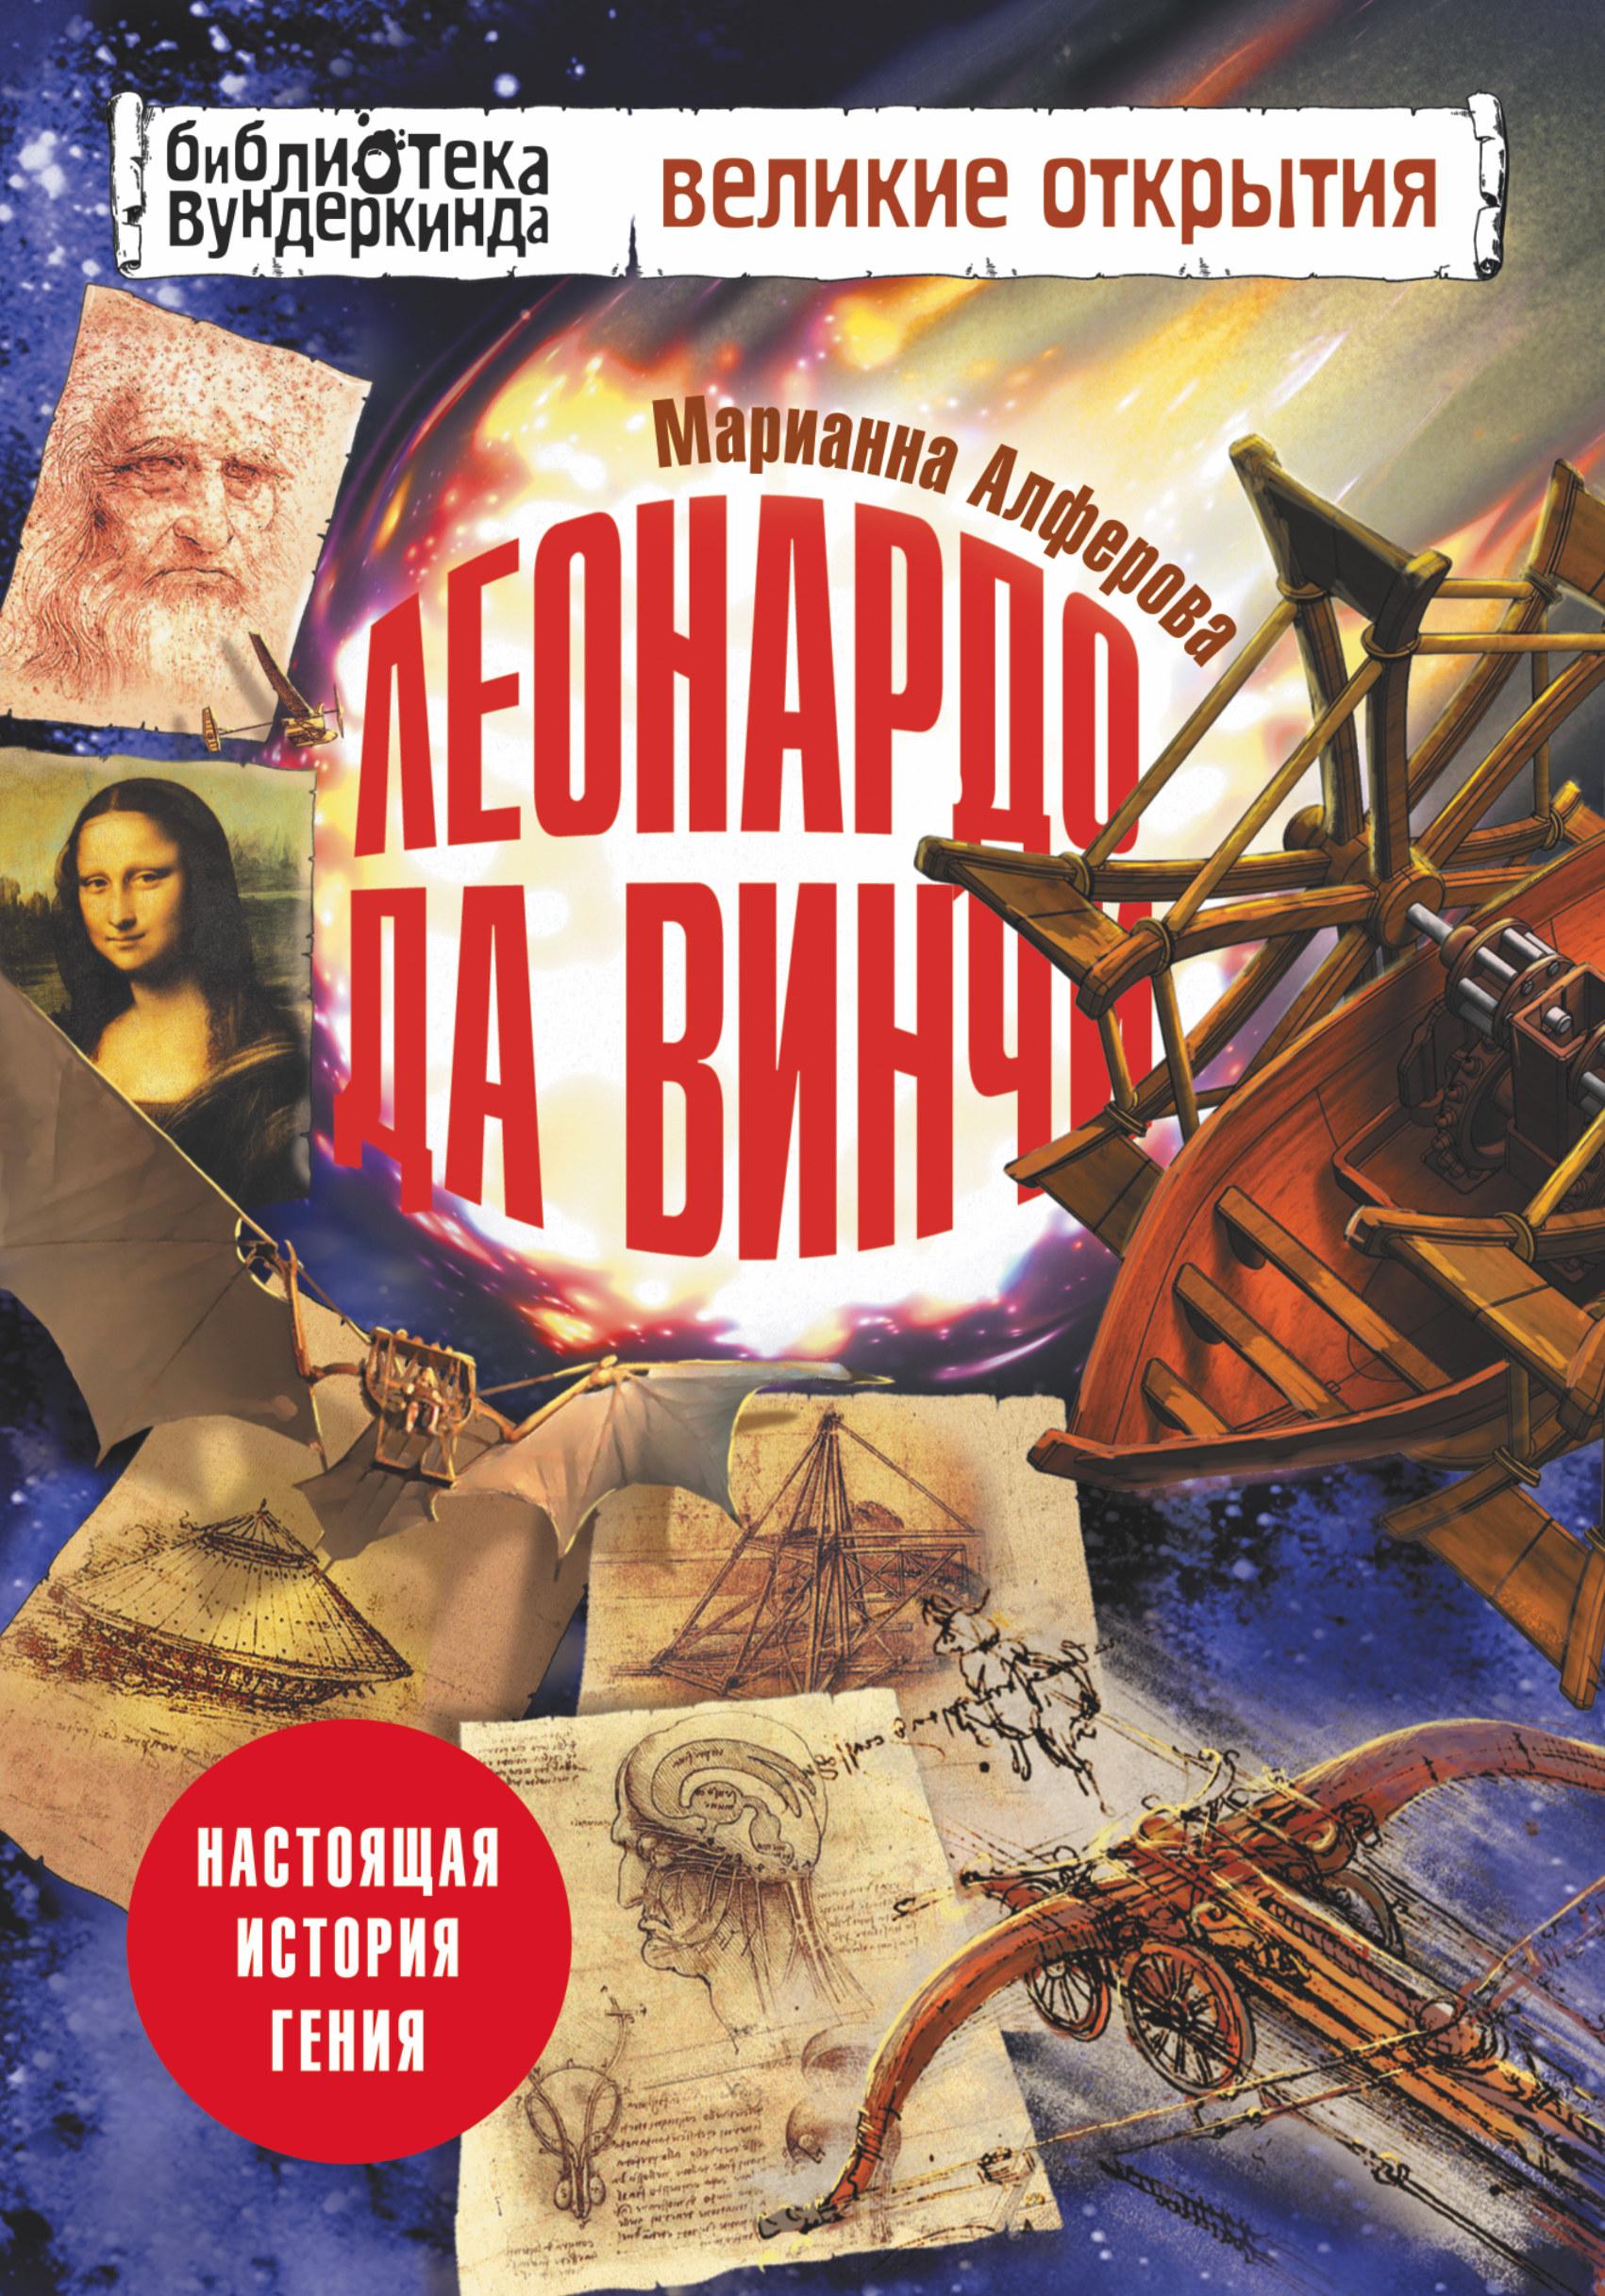 Леонардо да Винчи. Настоящая история гения ( Алферова М.В.  )